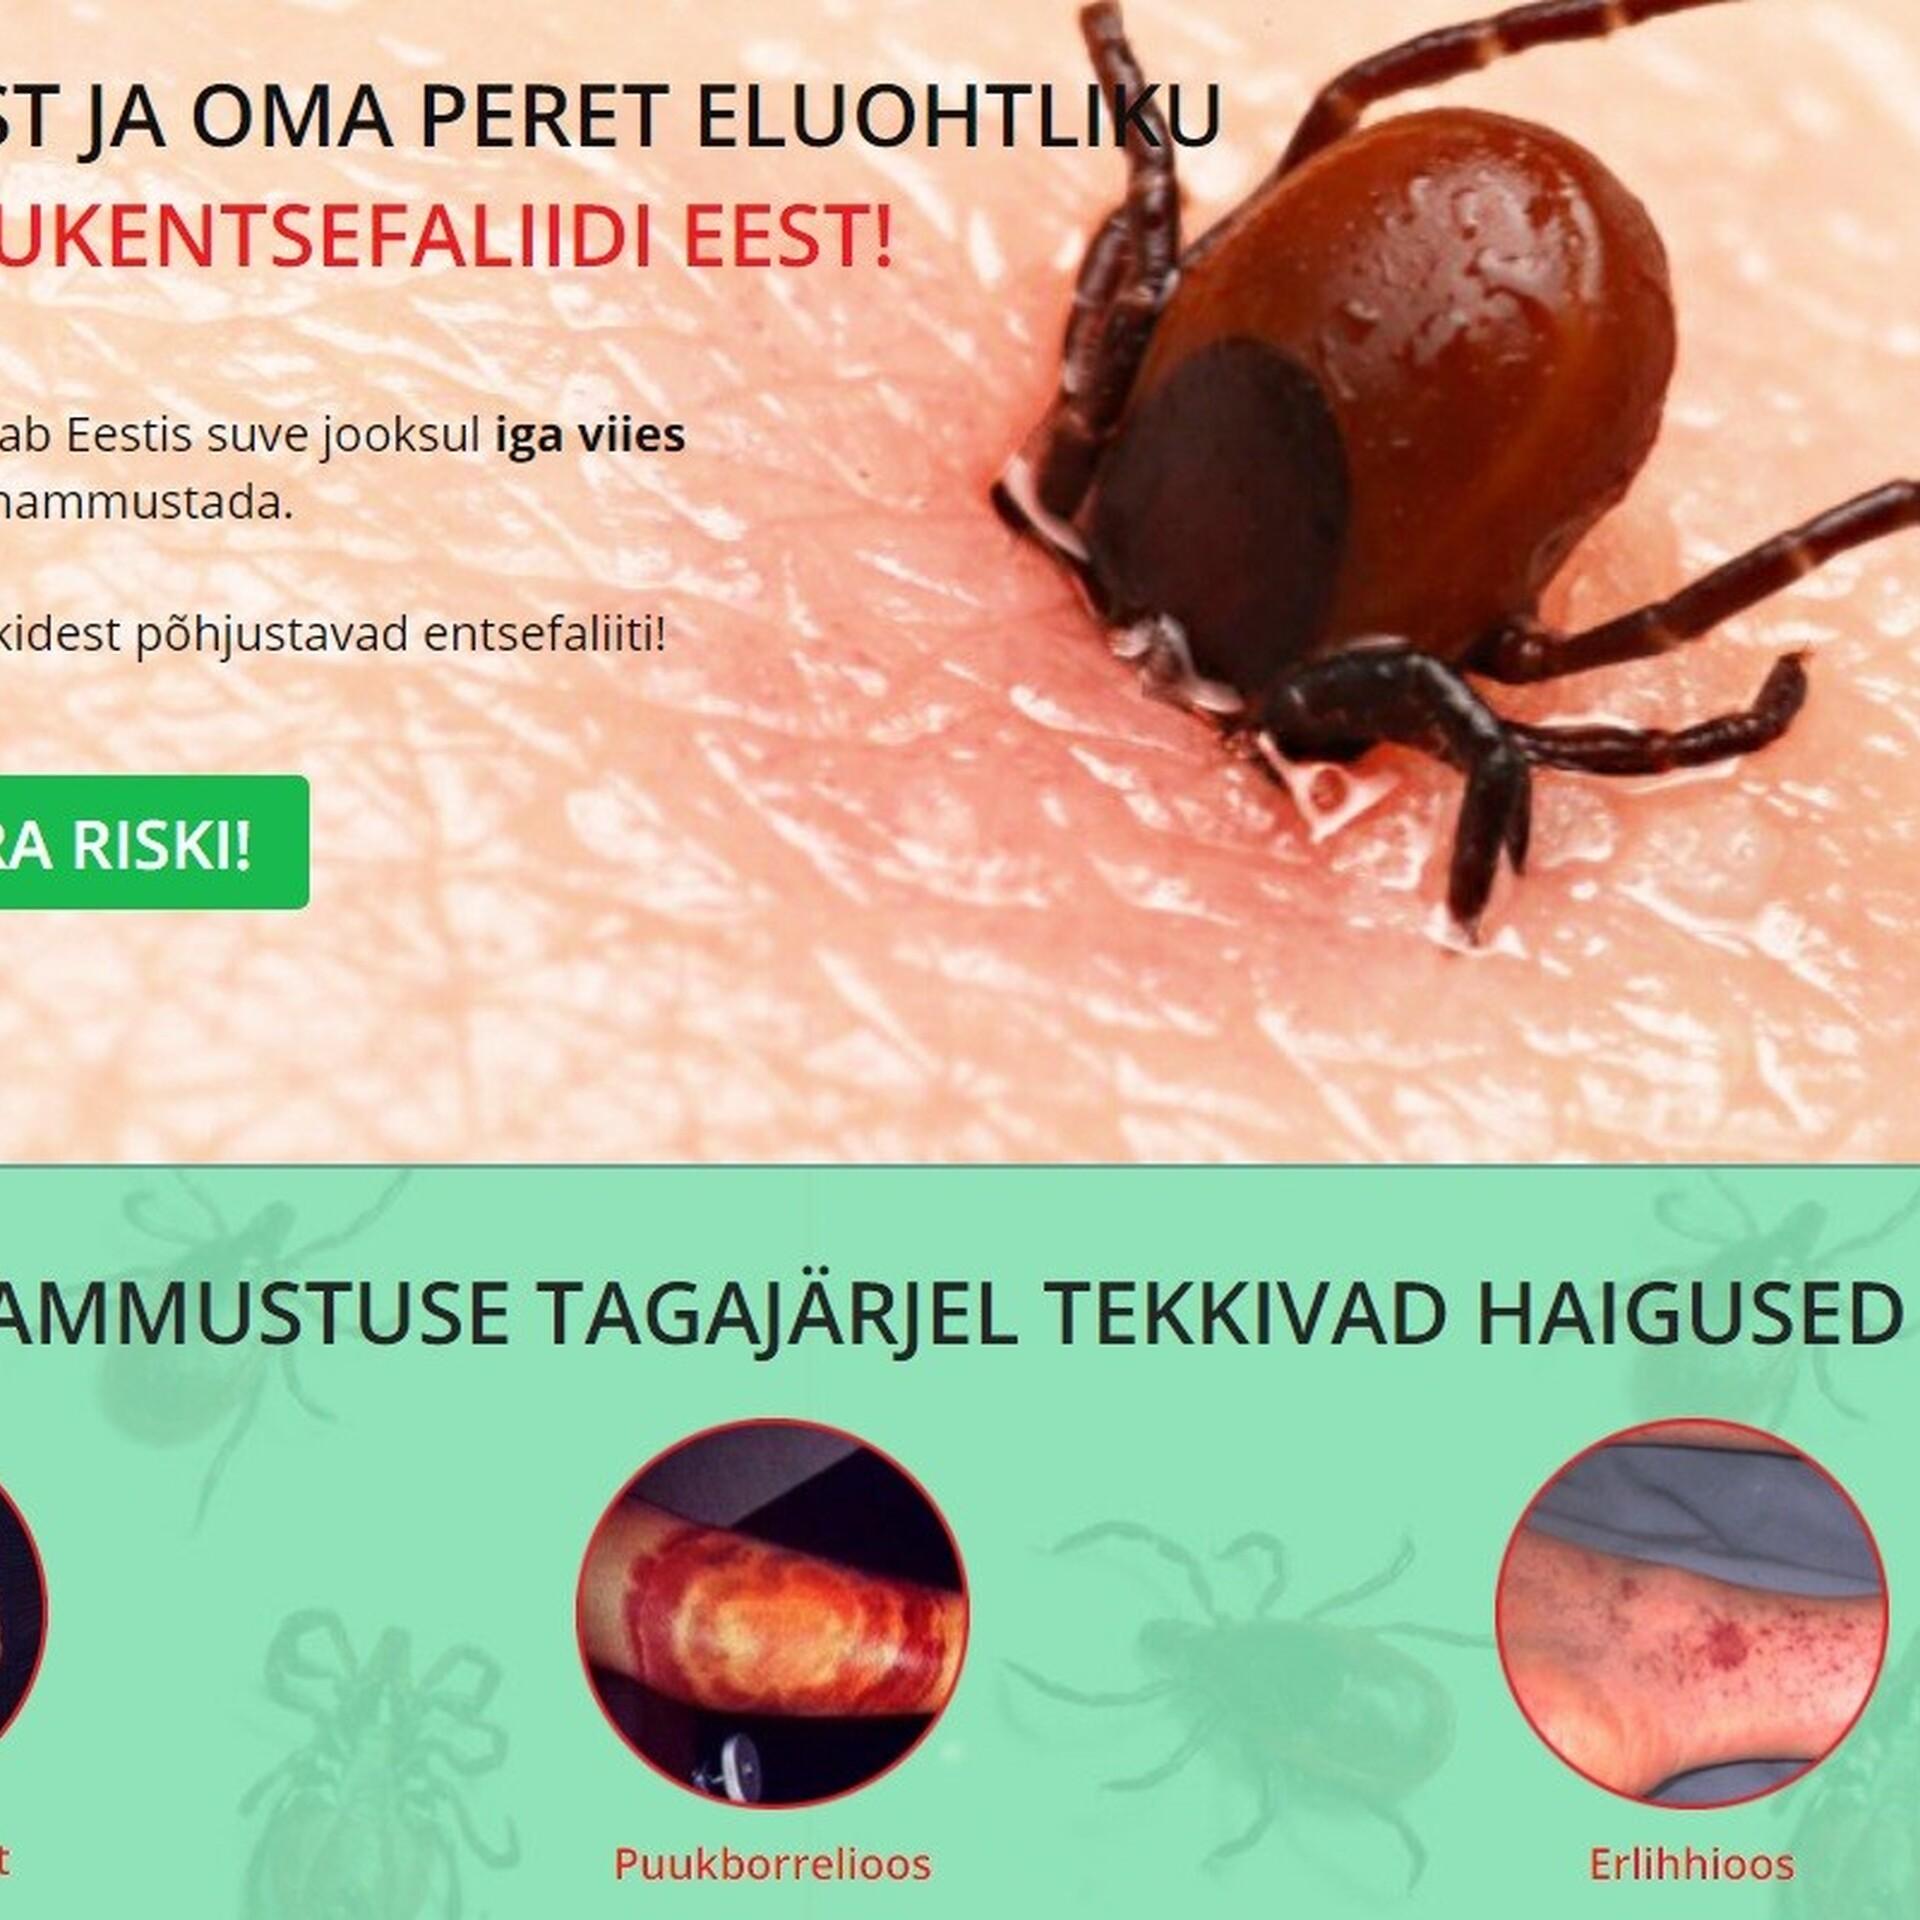 04957f93c75 Tarbijakaitseamet hoiatab tervisepood24.ee eest | Eesti | ERR